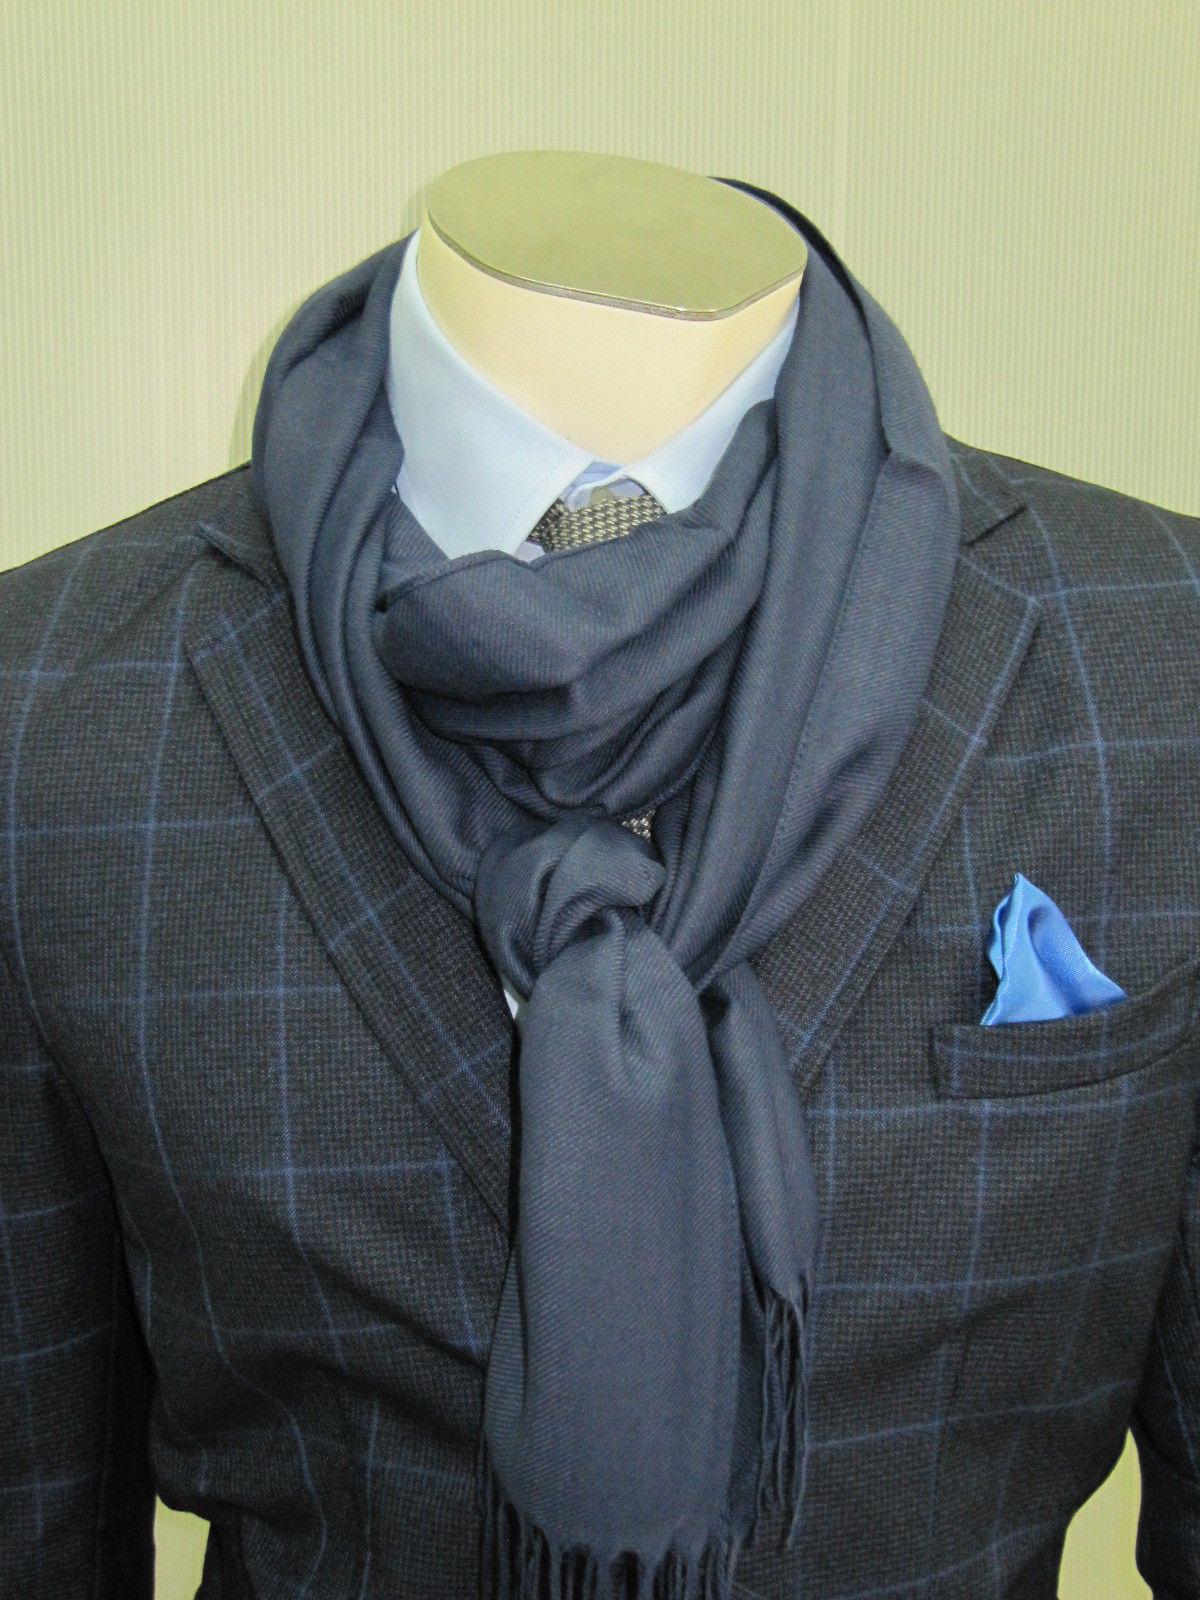 nuovo stile 11b2a b675b Bifulco Abbigliamento : Abbigliamento Uomo Donna Online ...